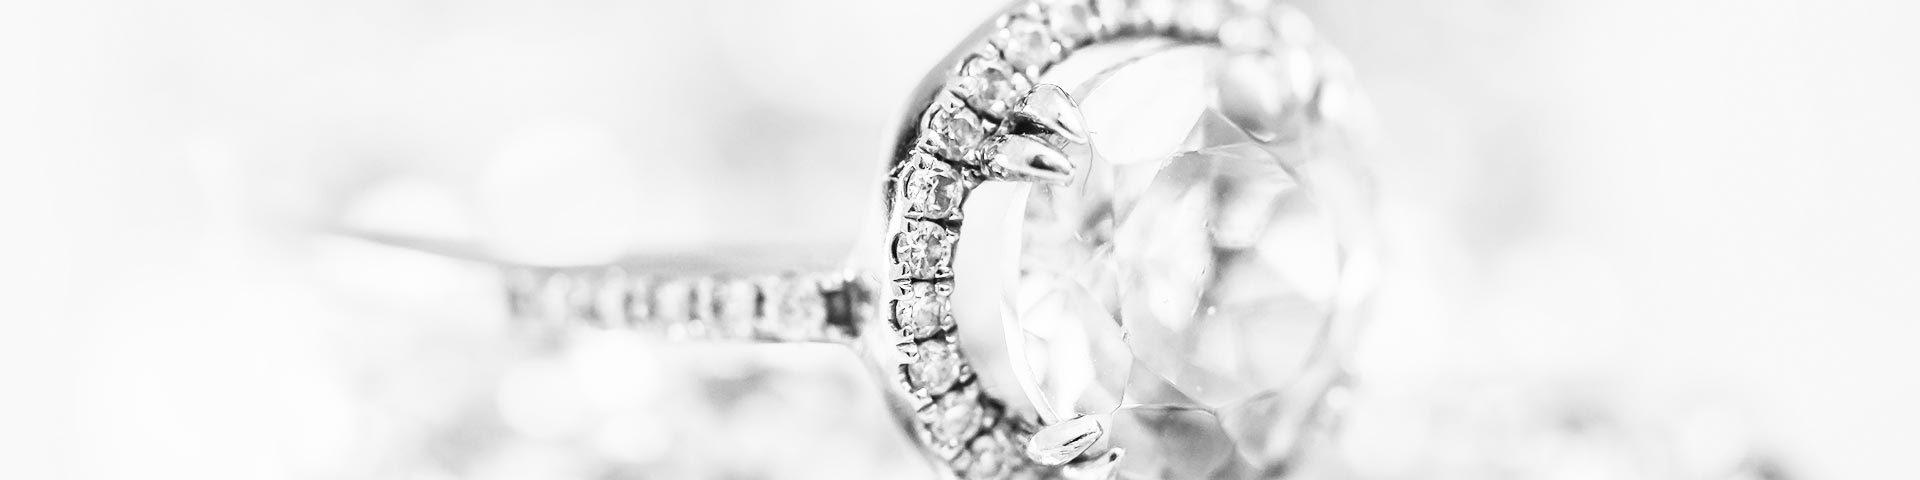 <h1>Mettetevi molti gioielli,<br>le rughe si noteranno meno.<h1>